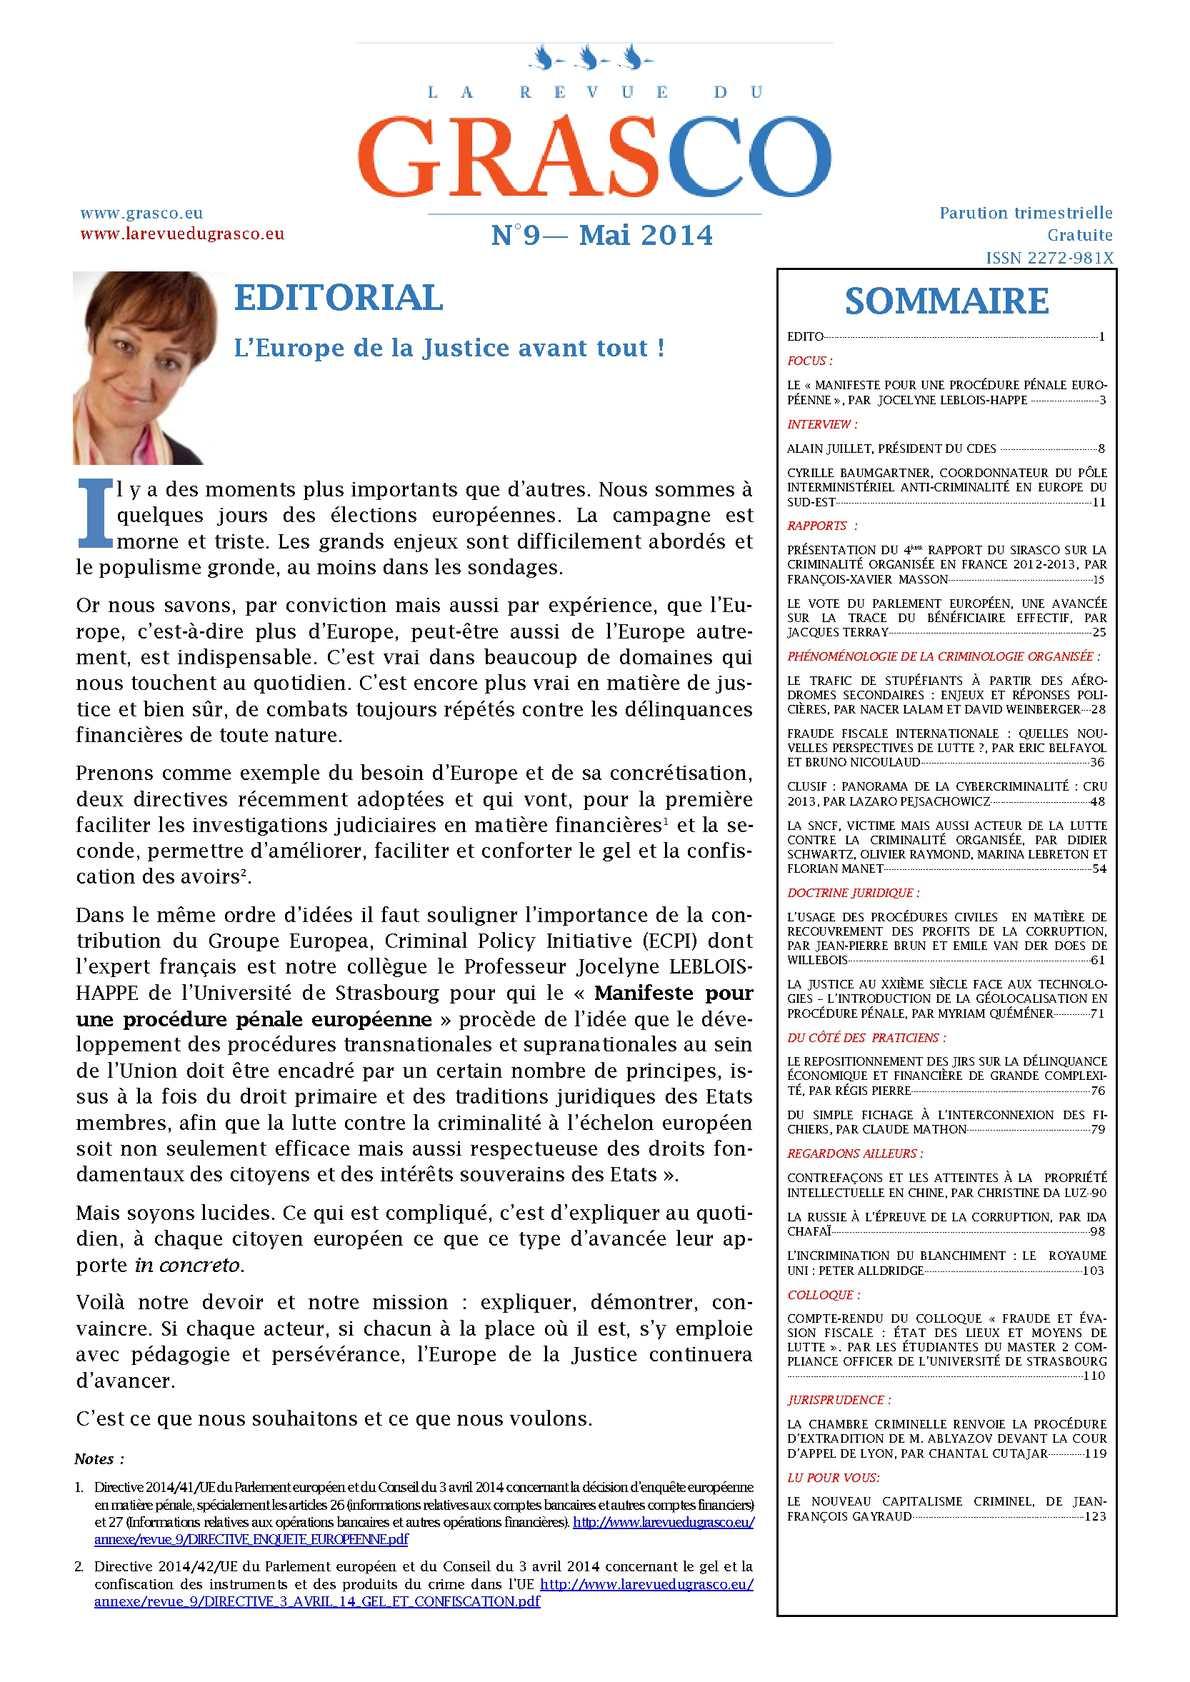 SDN Trust Agence de rencontres accréditée